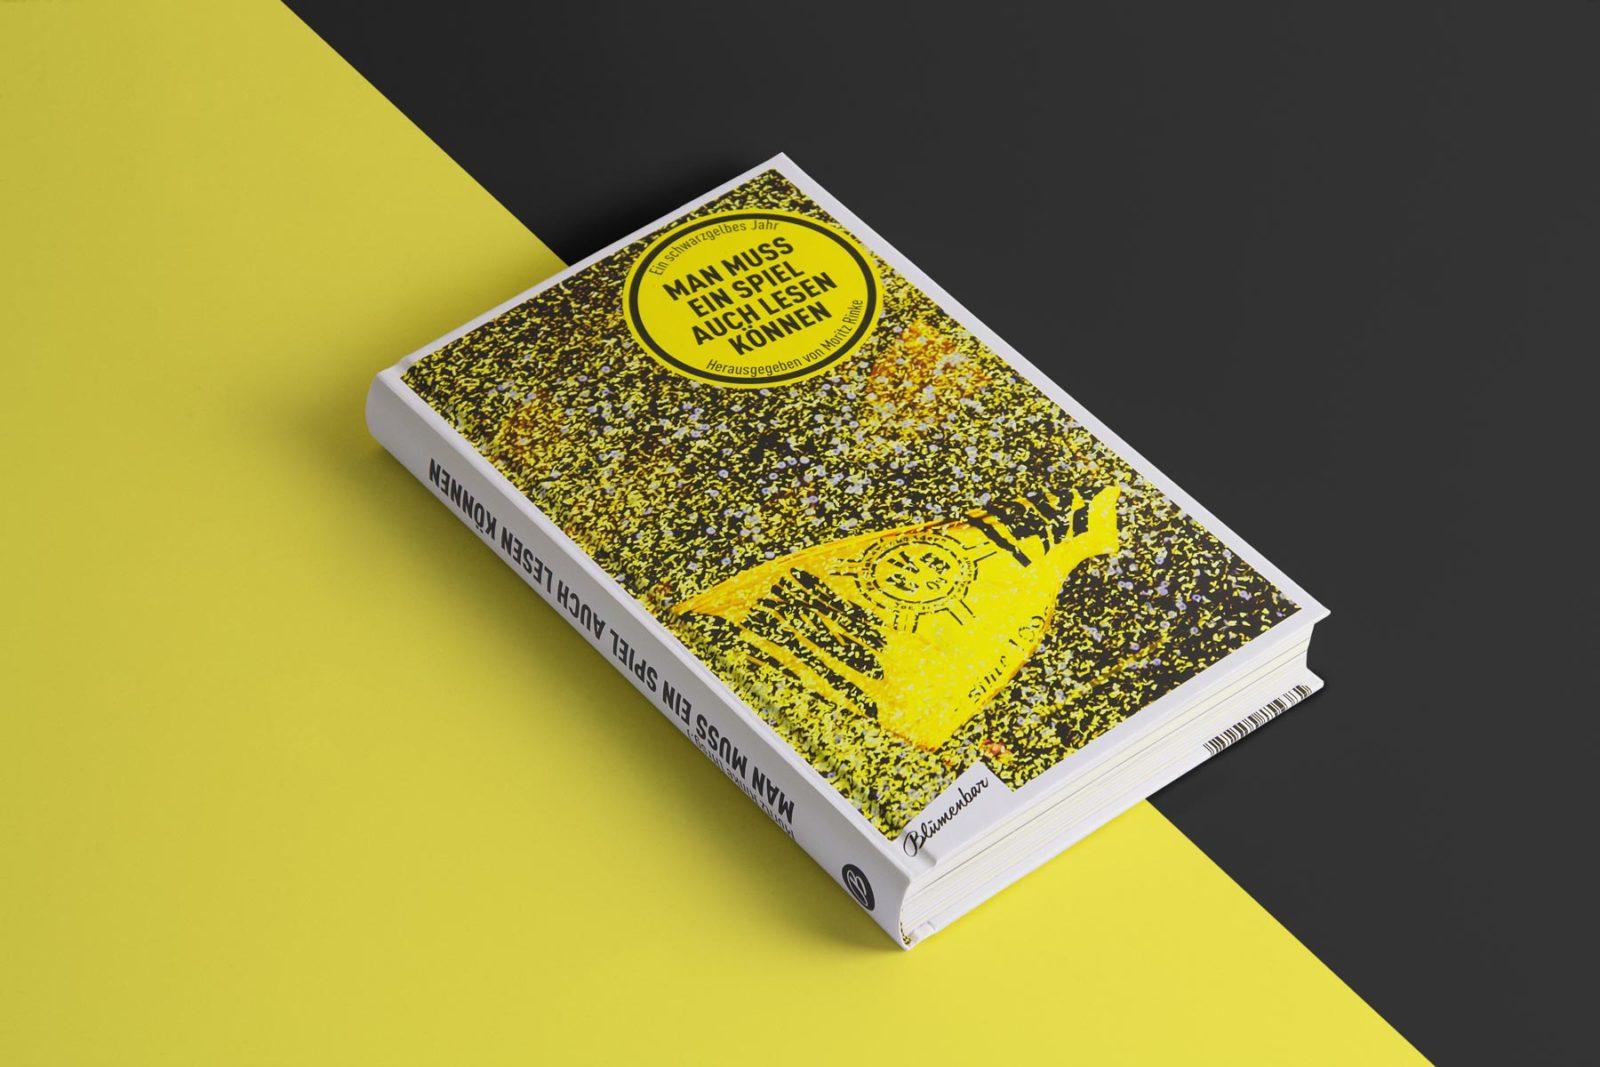 Editienne Grafikdesign - Kommunikationsdesign Berlin- Buchcoverdesign und Buchgestaltung Borussia Dortmund- BVB Buch 9